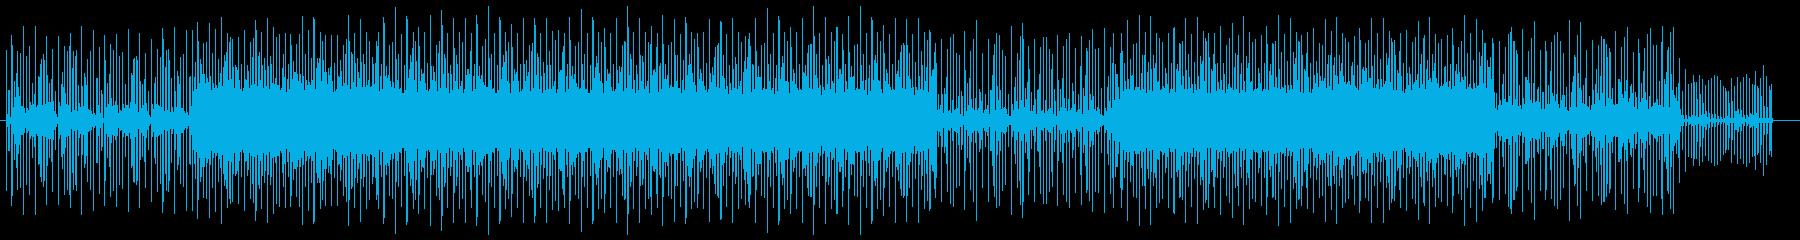 フワフワしたイメージの魅惑的な曲の再生済みの波形